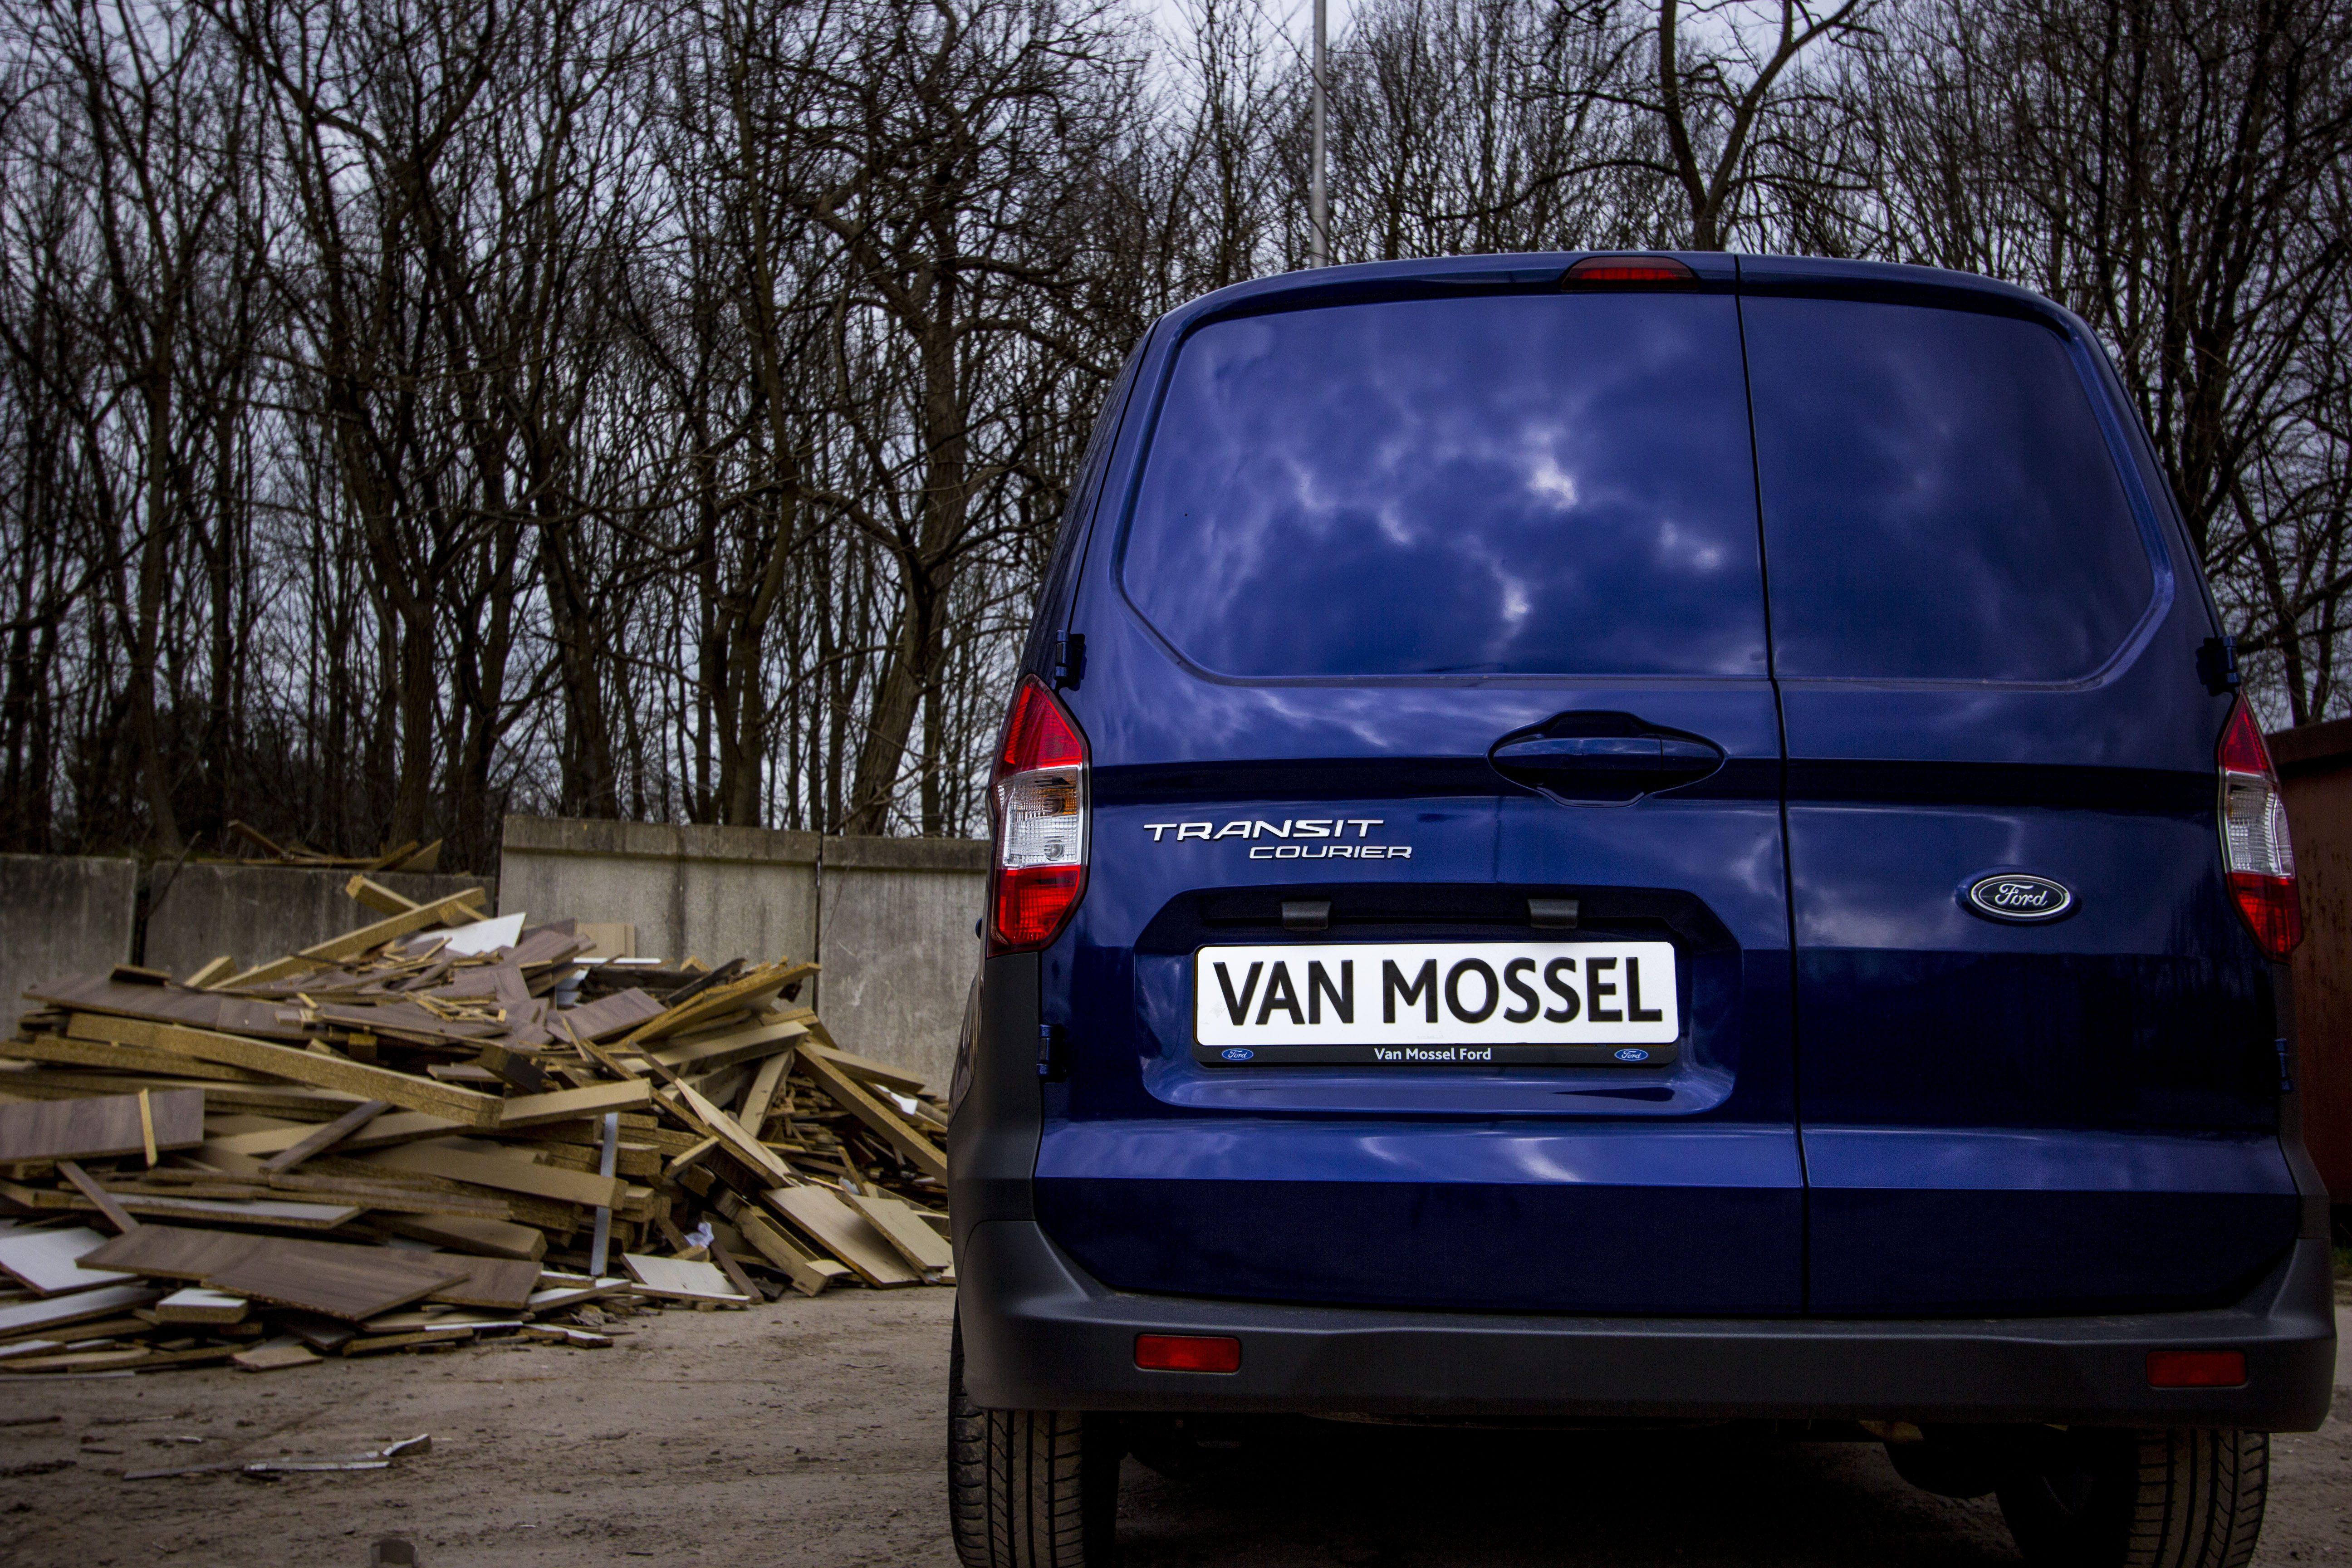 Ford Transit Courier Trend 75pk 1.5 TDCi bij Van Mossel Voorraad